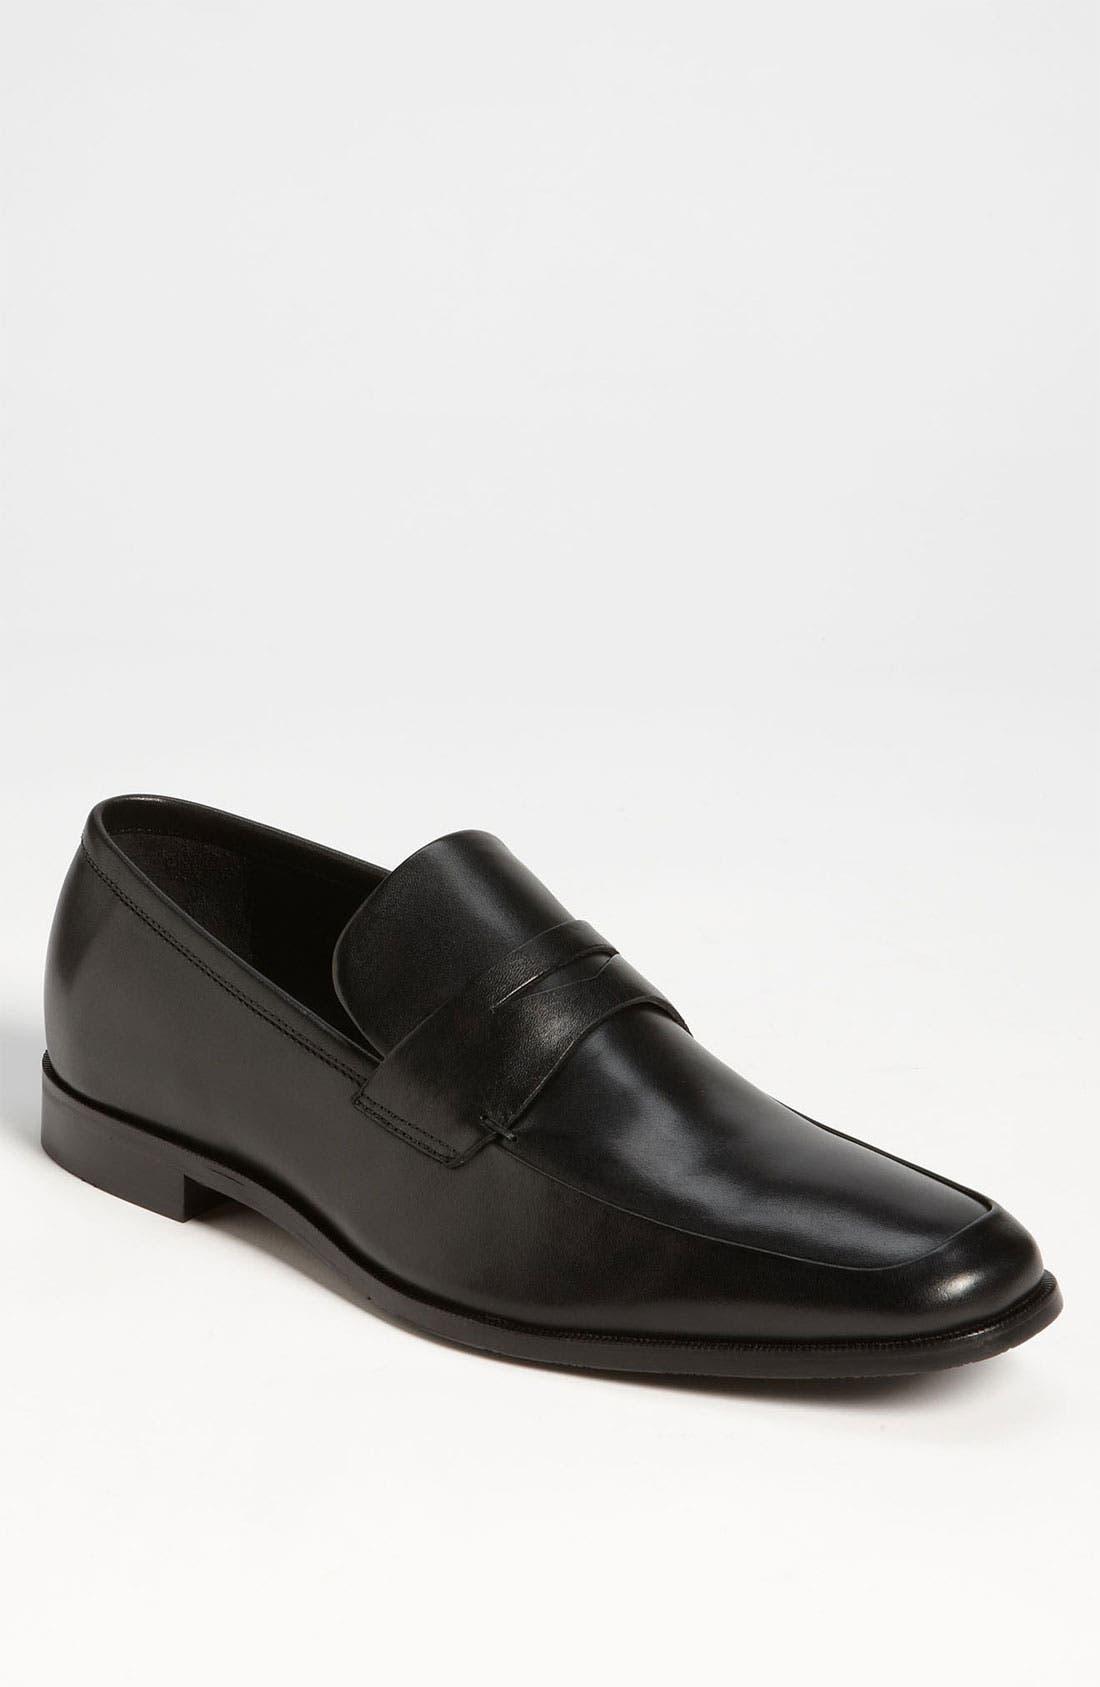 Alternate Image 1 Selected - Gordon Rush 'Regent' Loafer